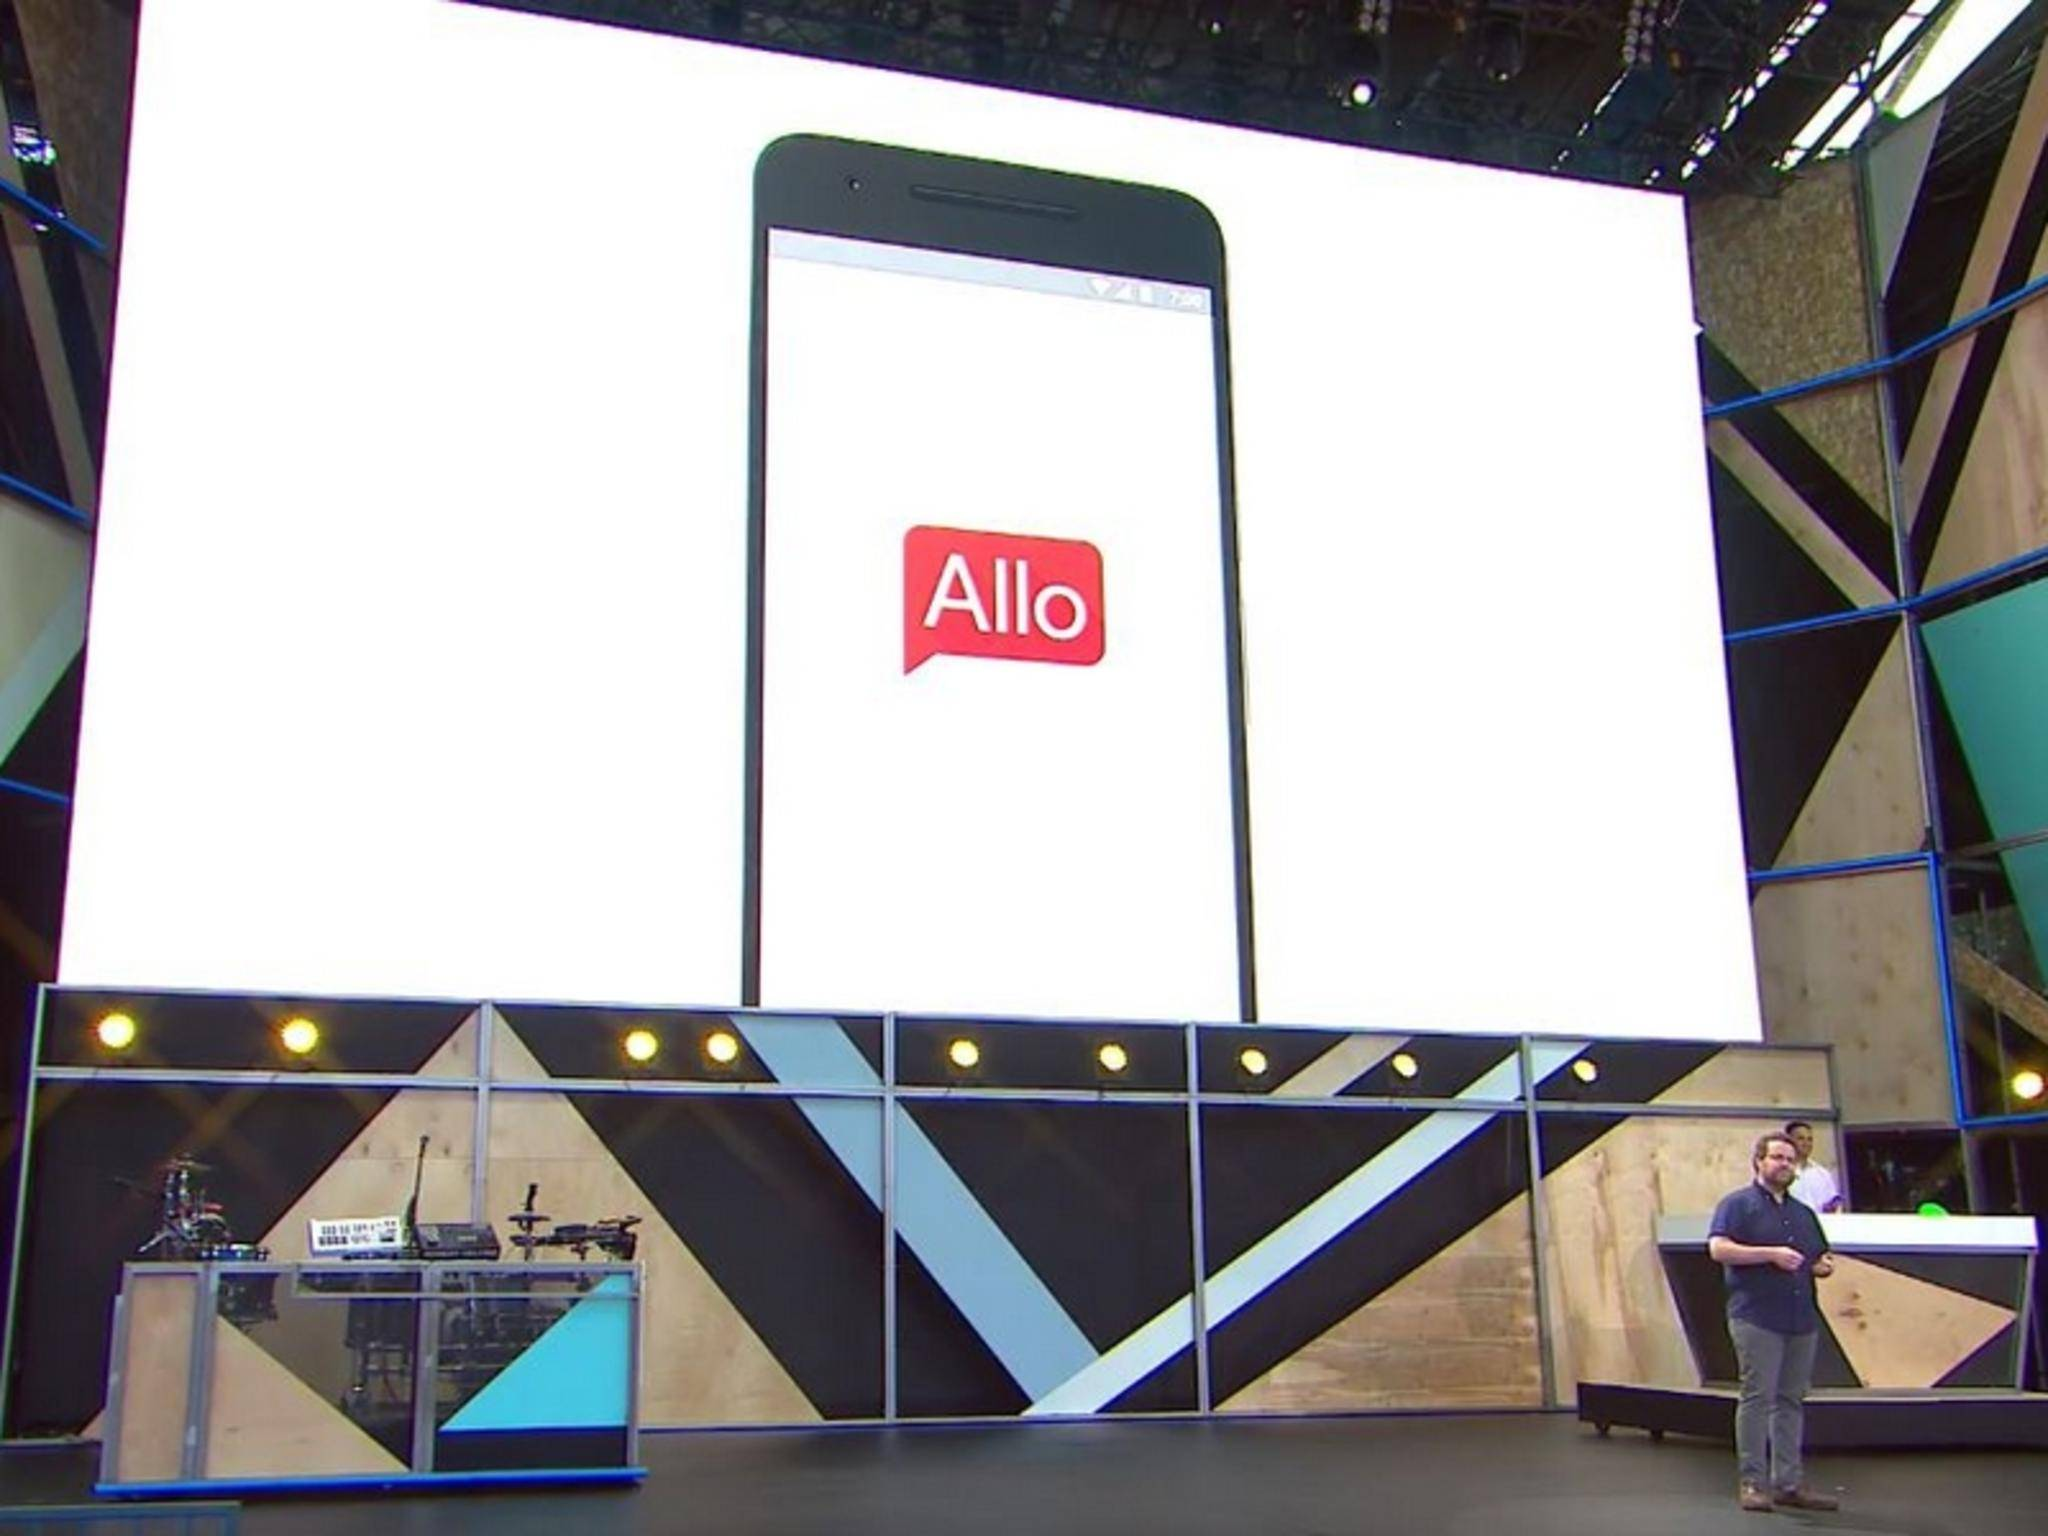 Der neue Messenger Allo soll besser sein als WhatsApp.